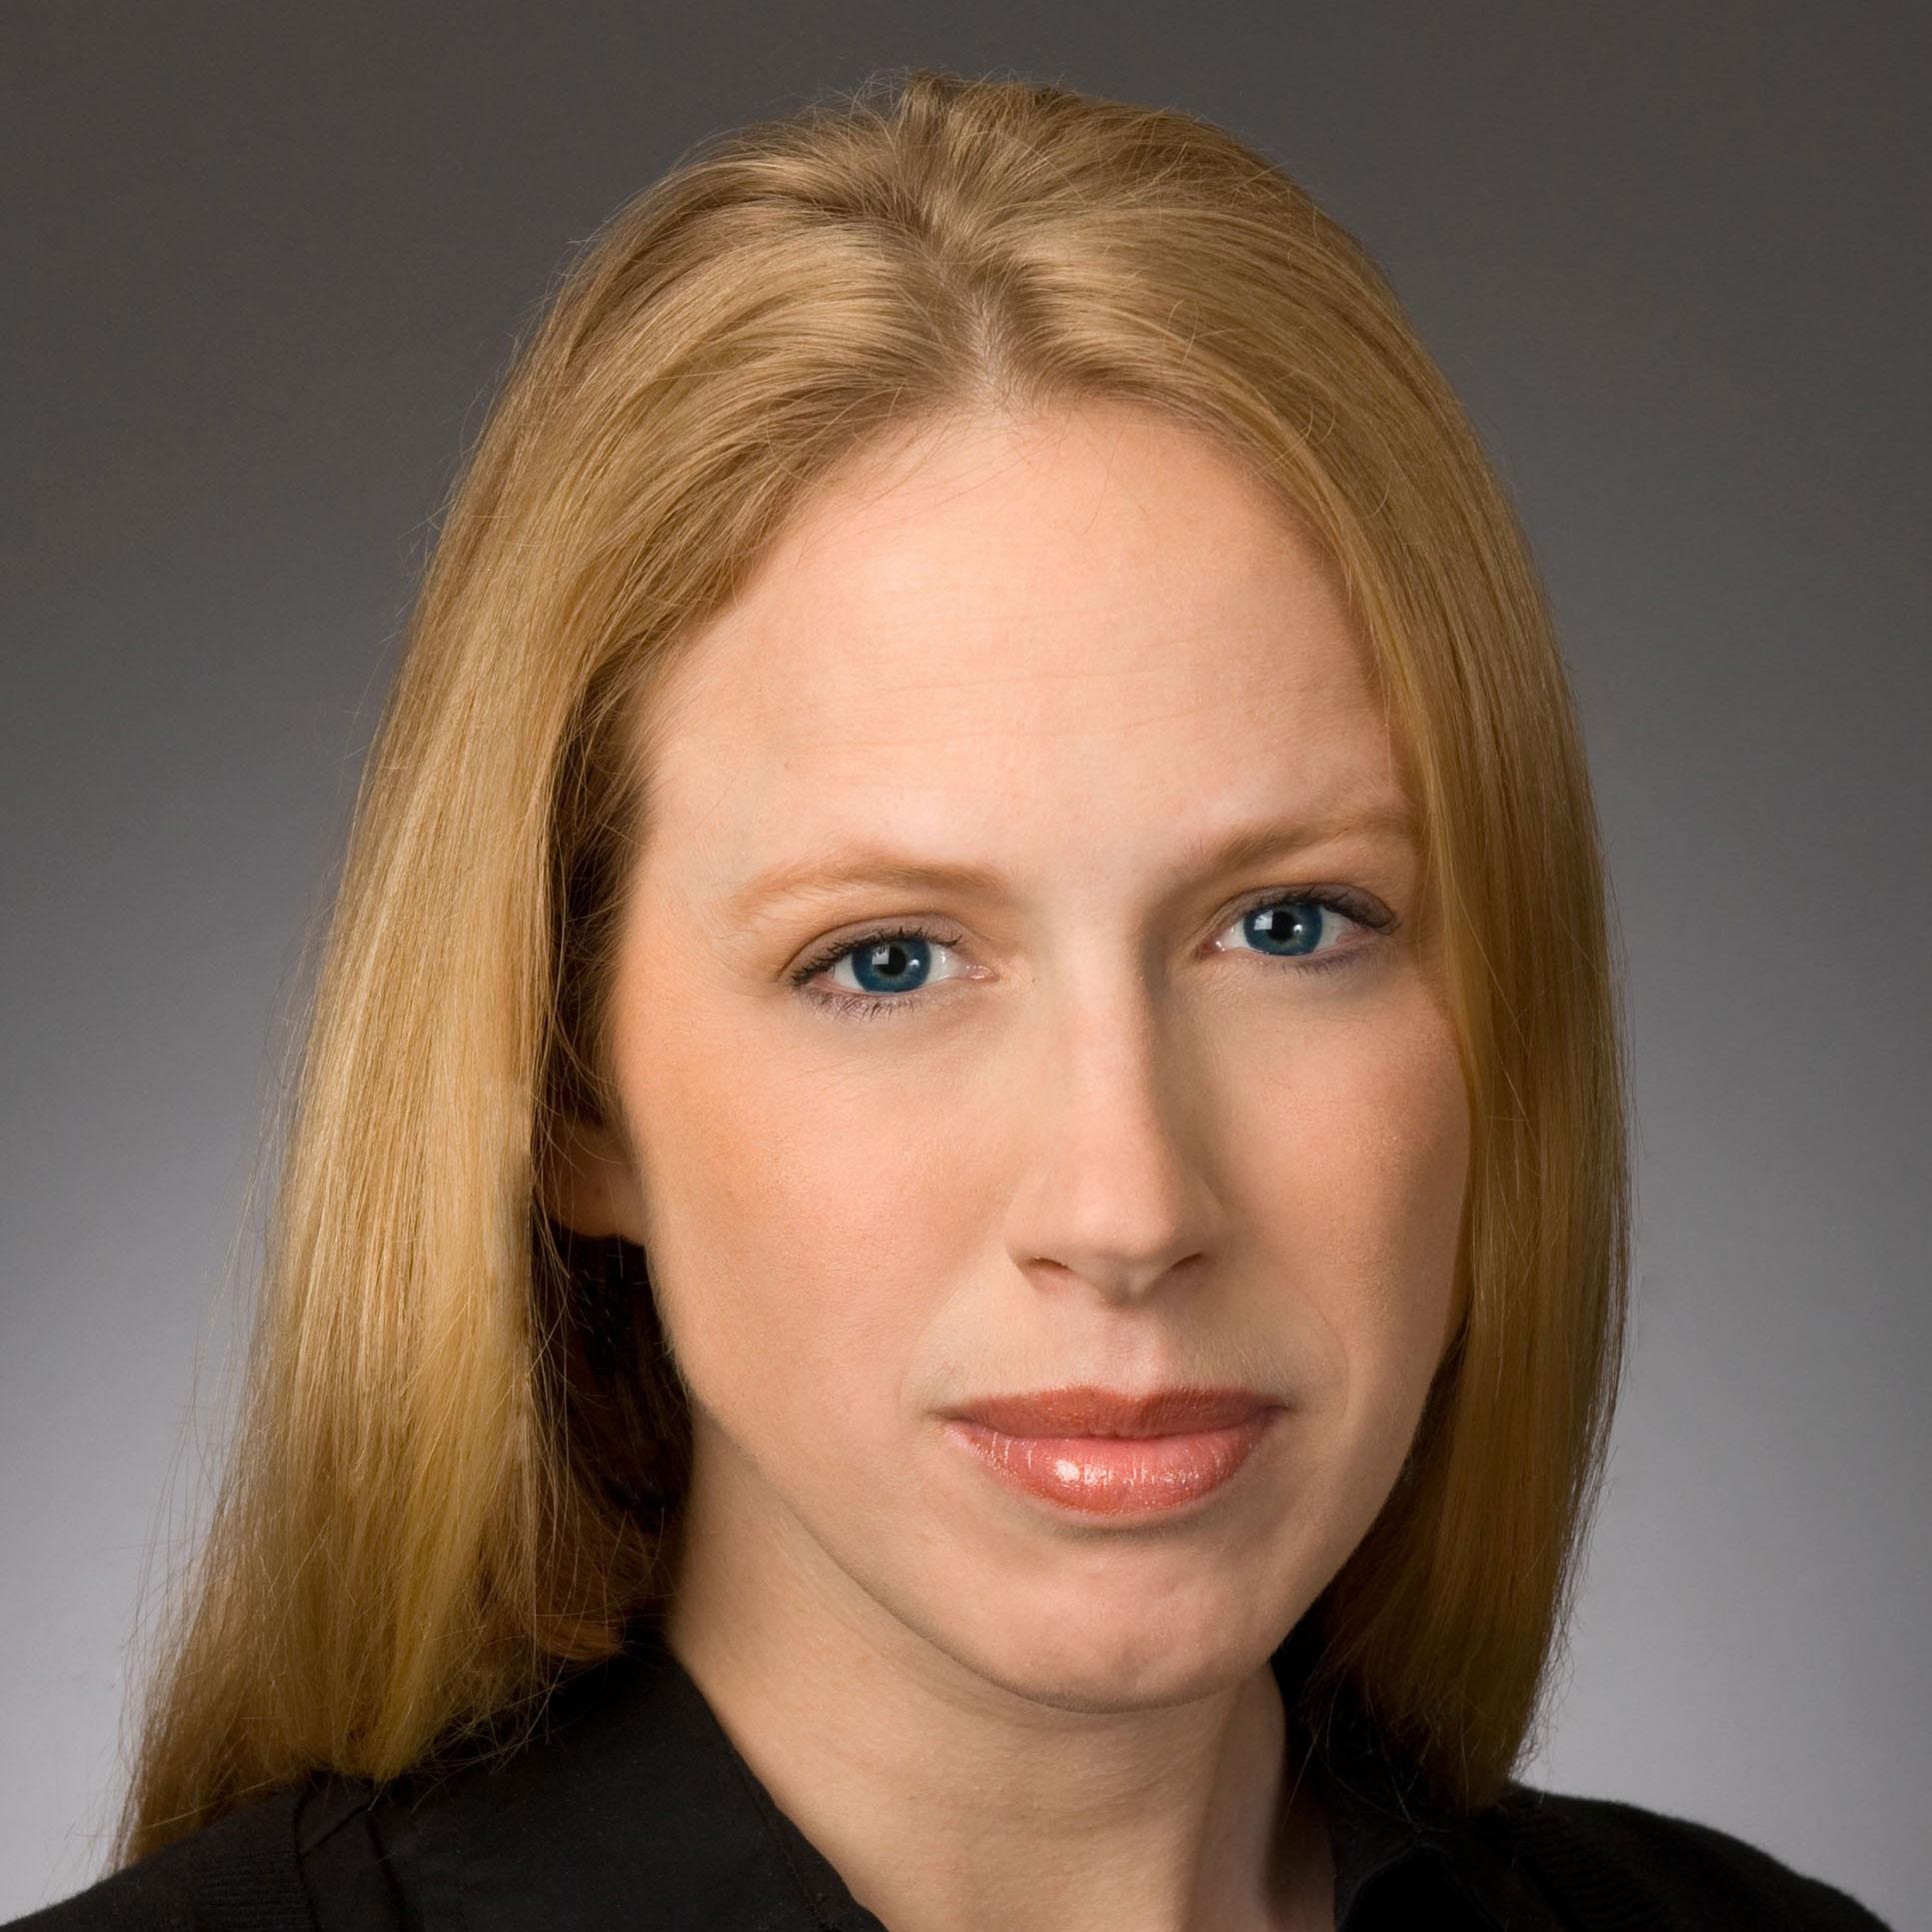 Kimberley Strassel Headshot